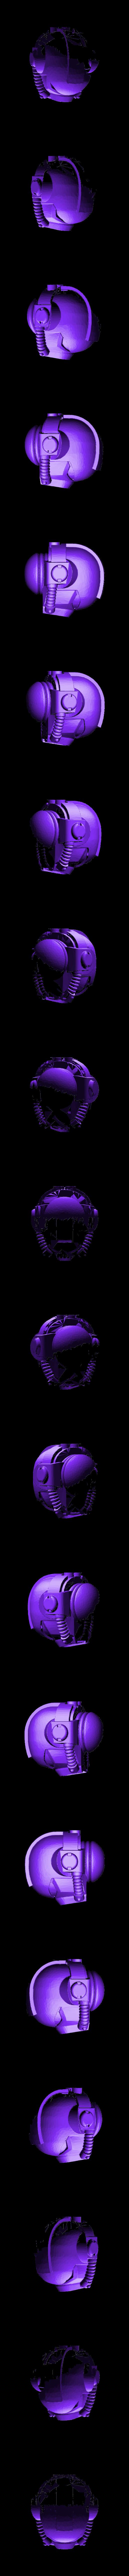 Primaris_MK7.stl Download free STL file Cawl Marine MK7 Helmet • 3D print design, Miffles_Makes